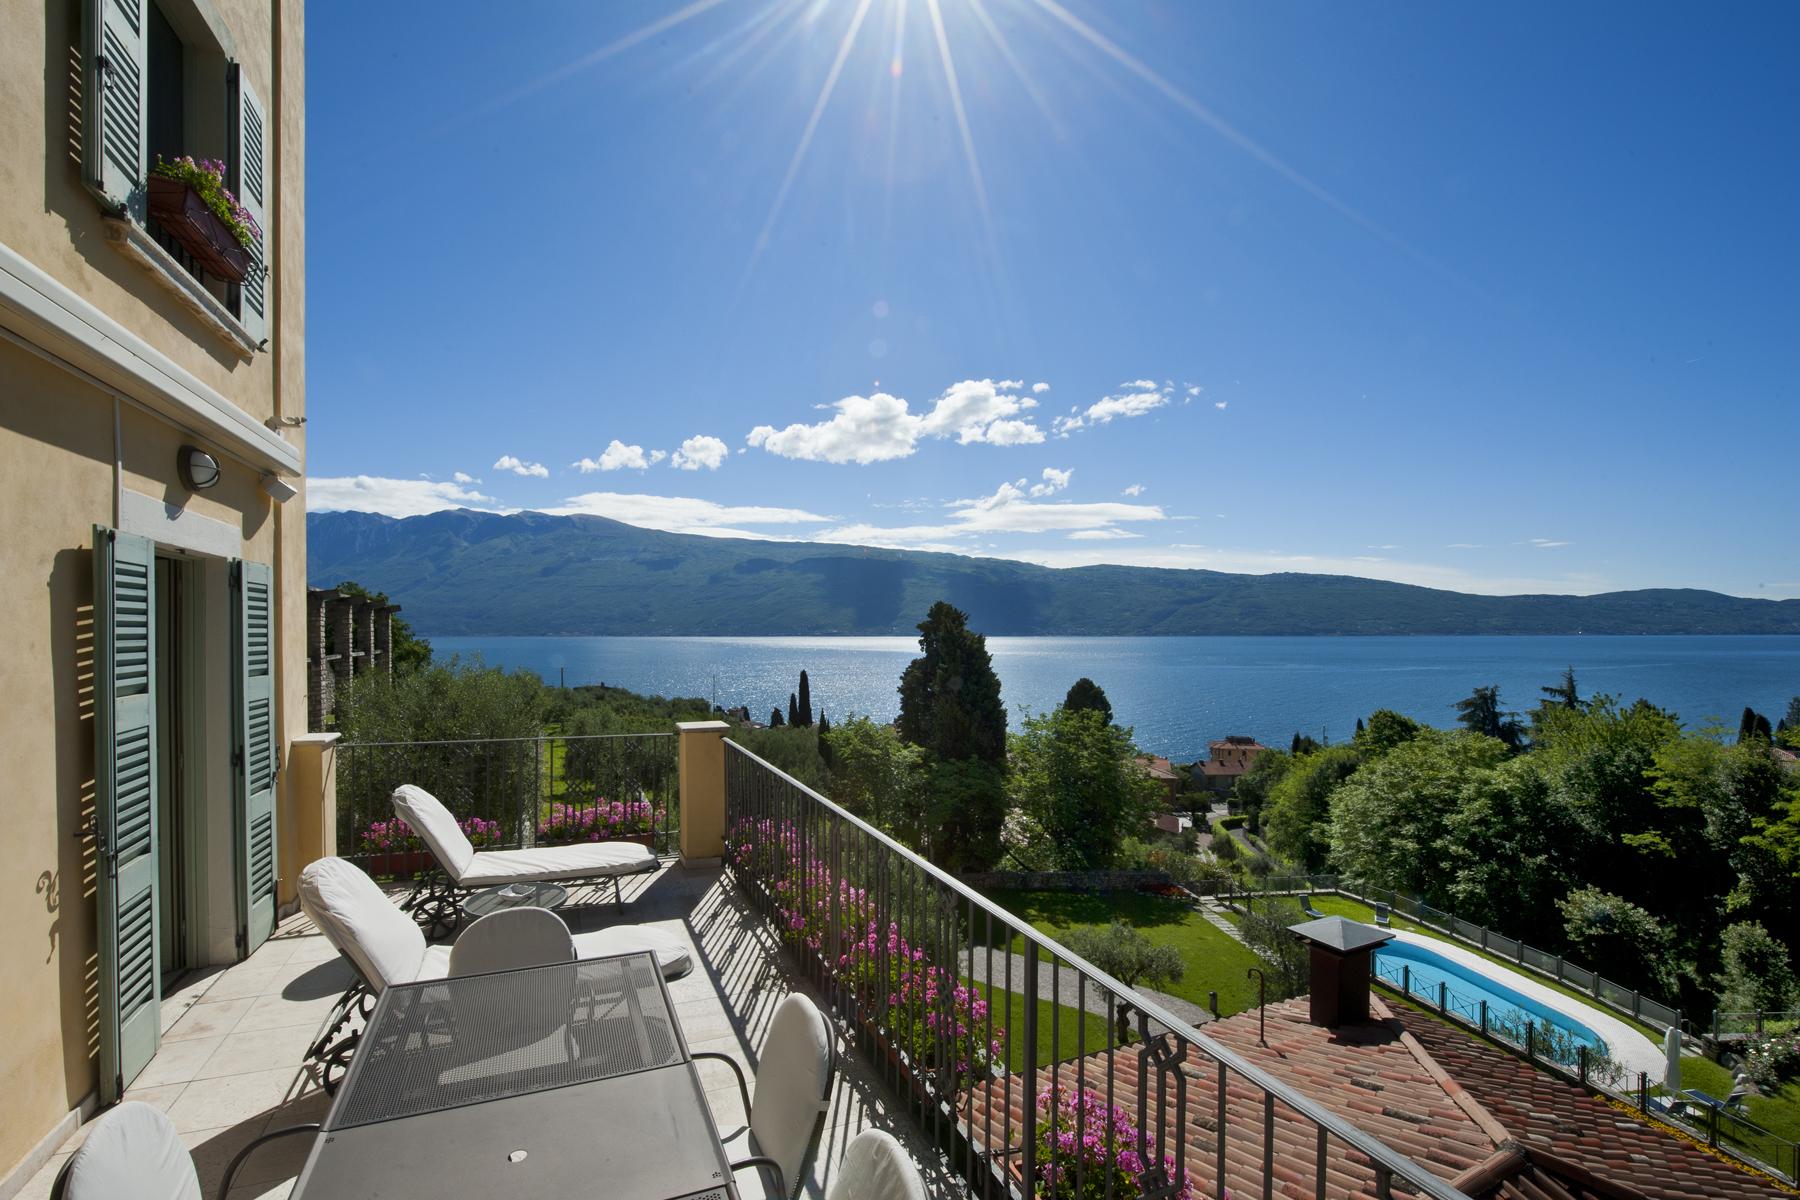 Single Family Home for Sale at Incomparable property with amazing lakeview Via della Libertà Other Brescia, Brescia 25084 Italy